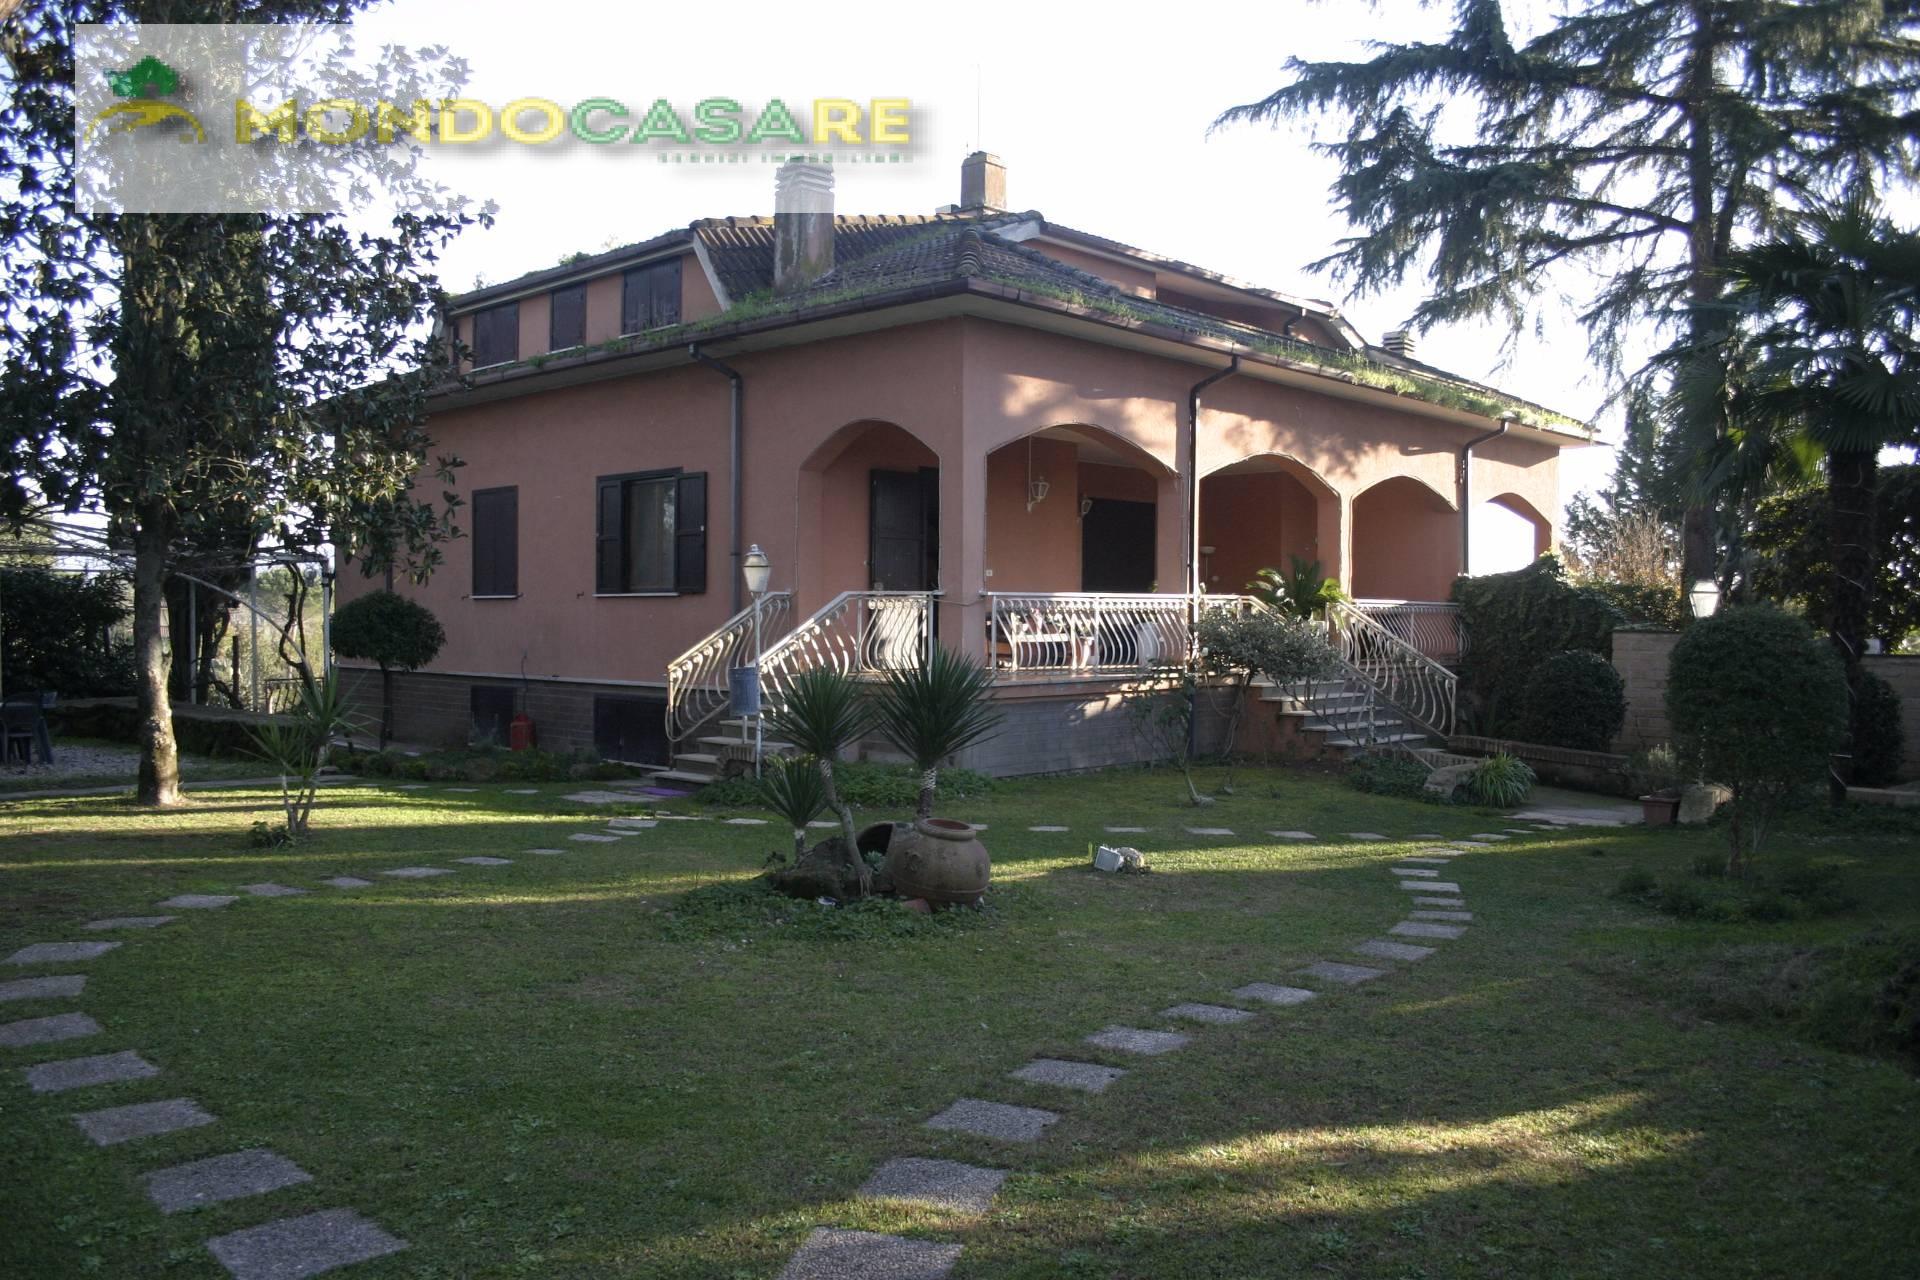 Villa Bifamiliare in vendita a Palombara Sabina, 4 locali, prezzo € 199.000 | CambioCasa.it